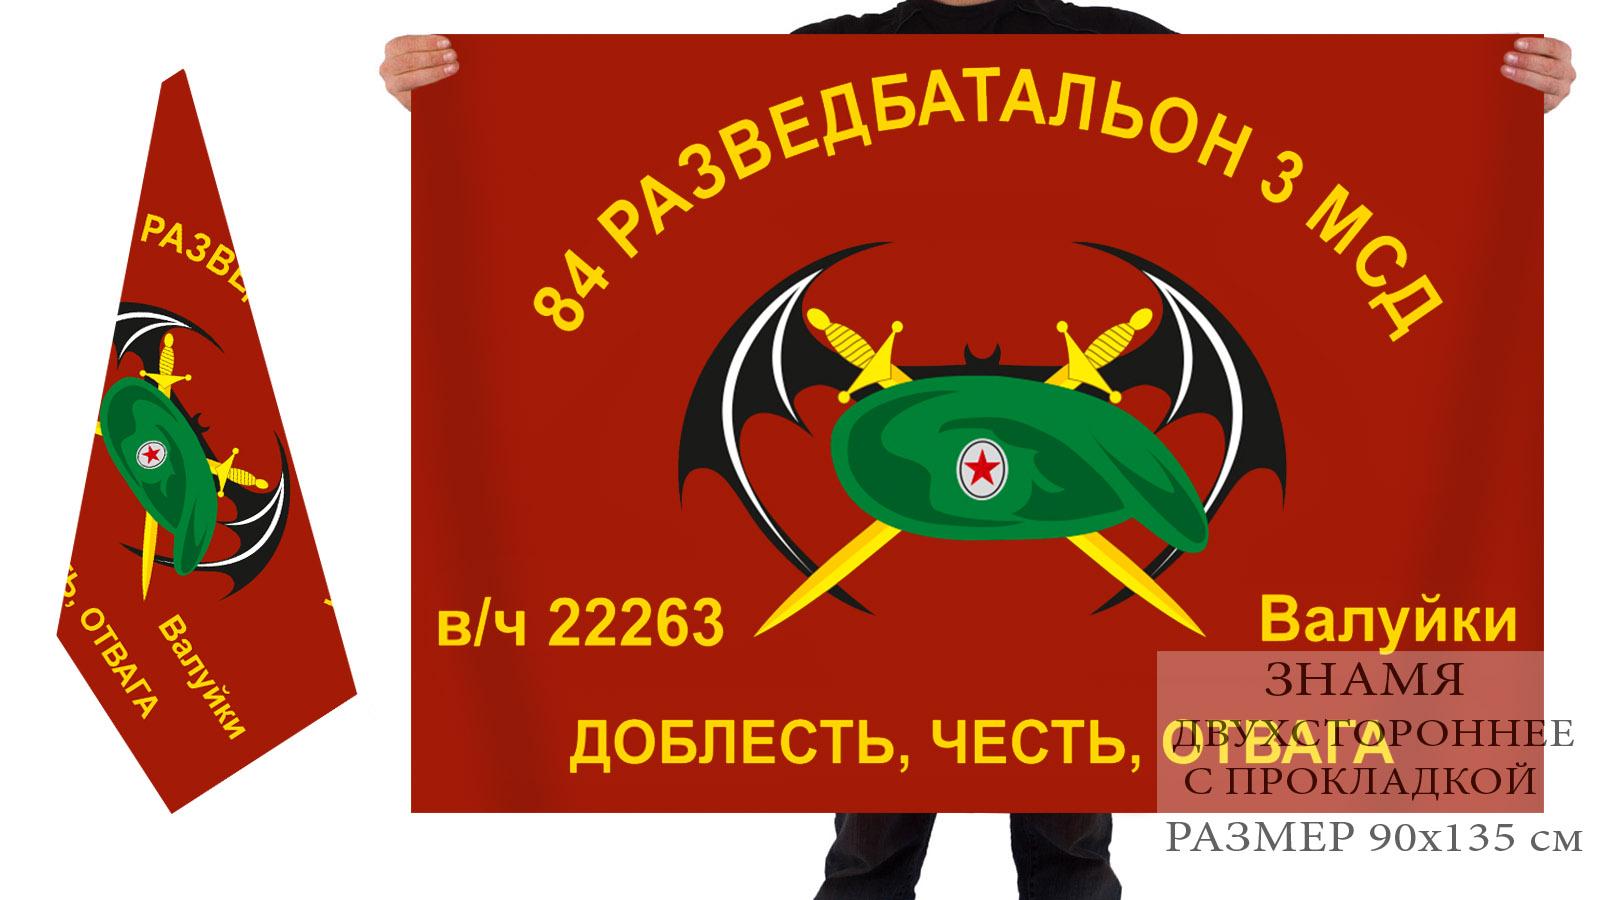 Двусторонний флаг 84 ОРБ 3 МСД